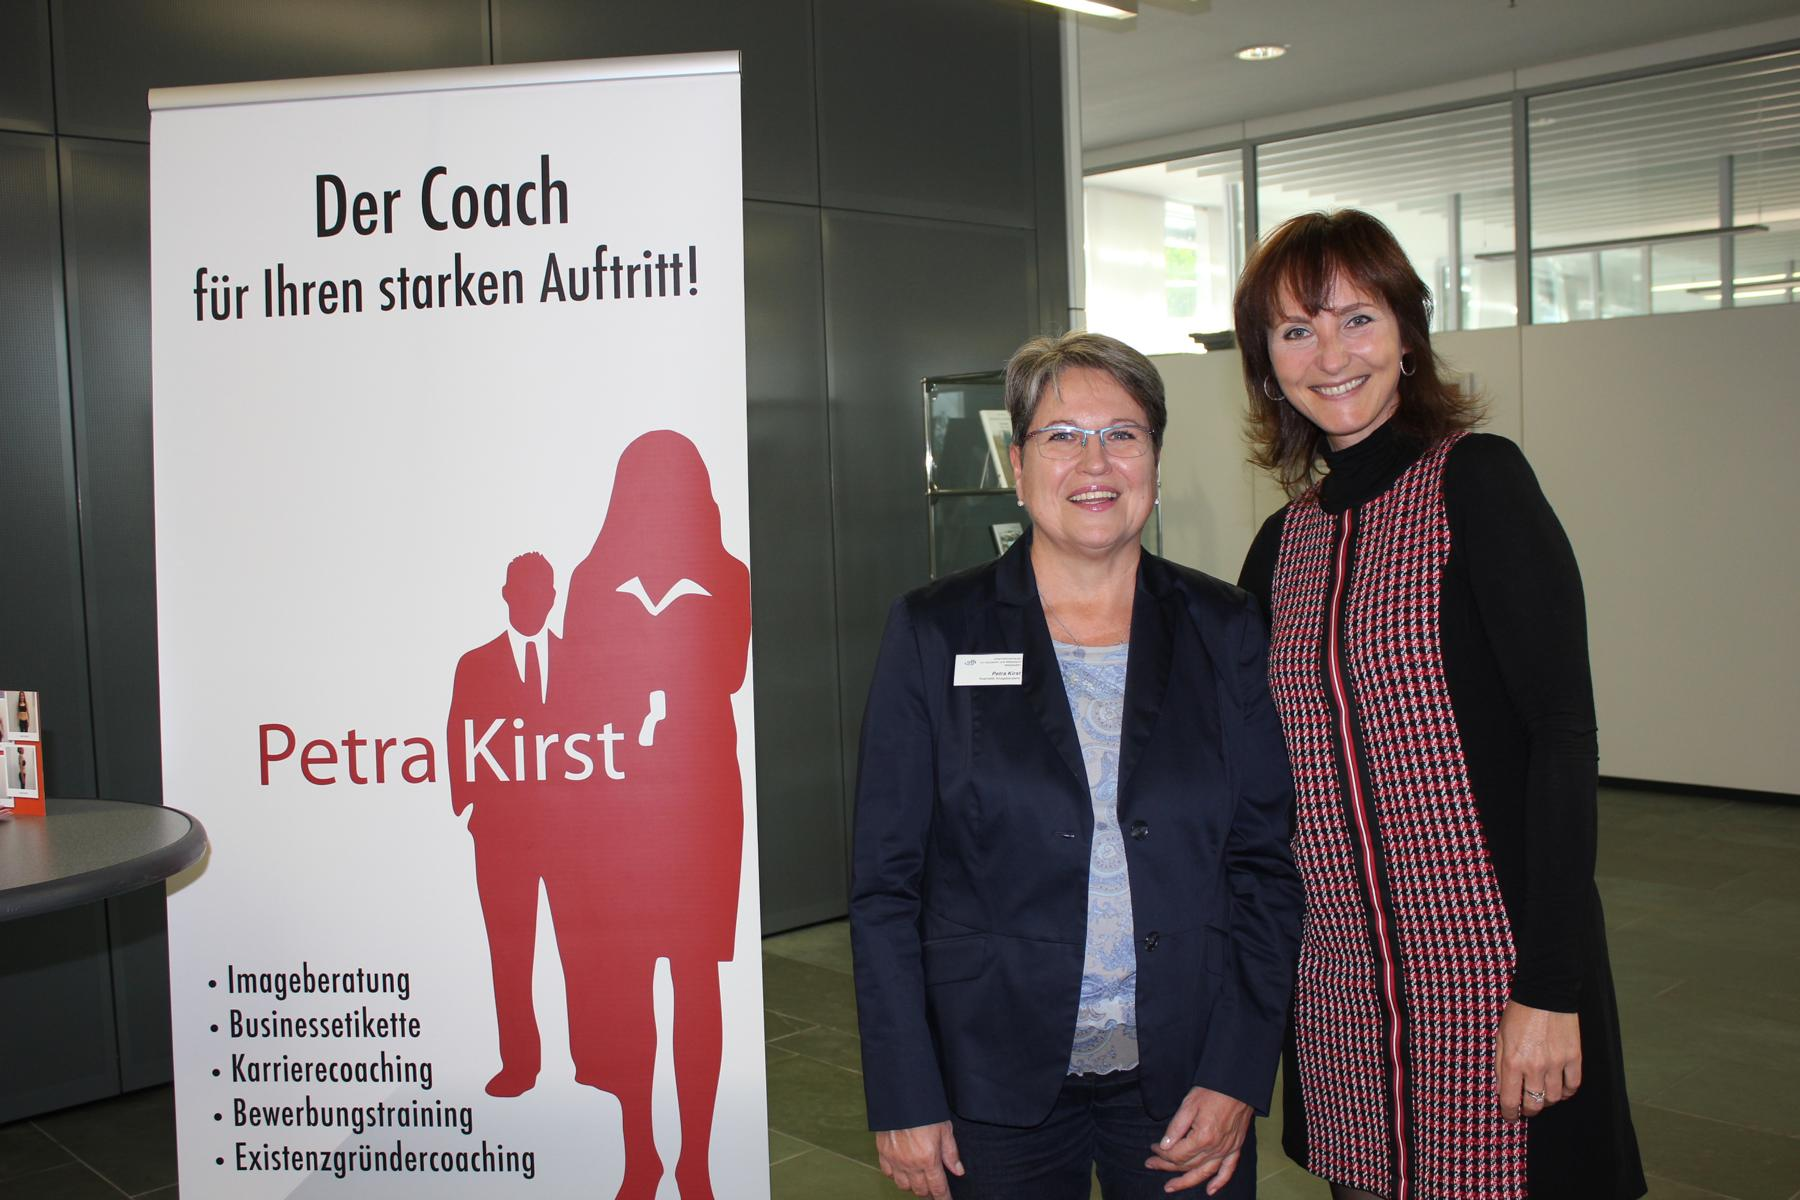 09-18 Aussteller im Foyer Petra Kirst und Sibylle Melcher